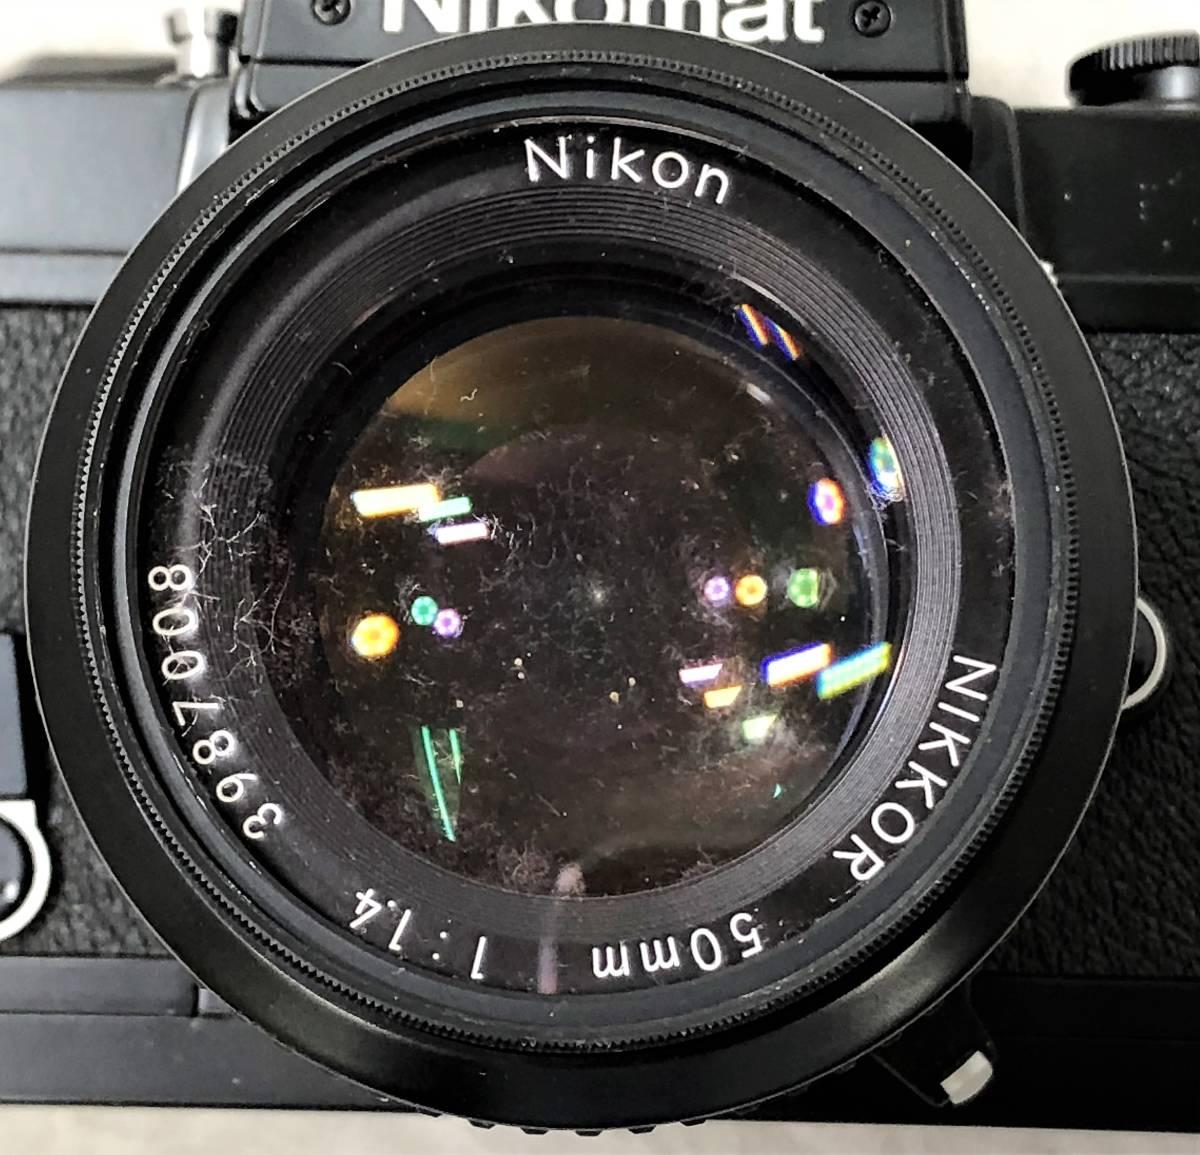 当時物、ジャンク扱い ニコン フィルムカメラ&カメラレンズ Nikomat FT3、AF NIKKOR 50mm 1:1.4_画像3